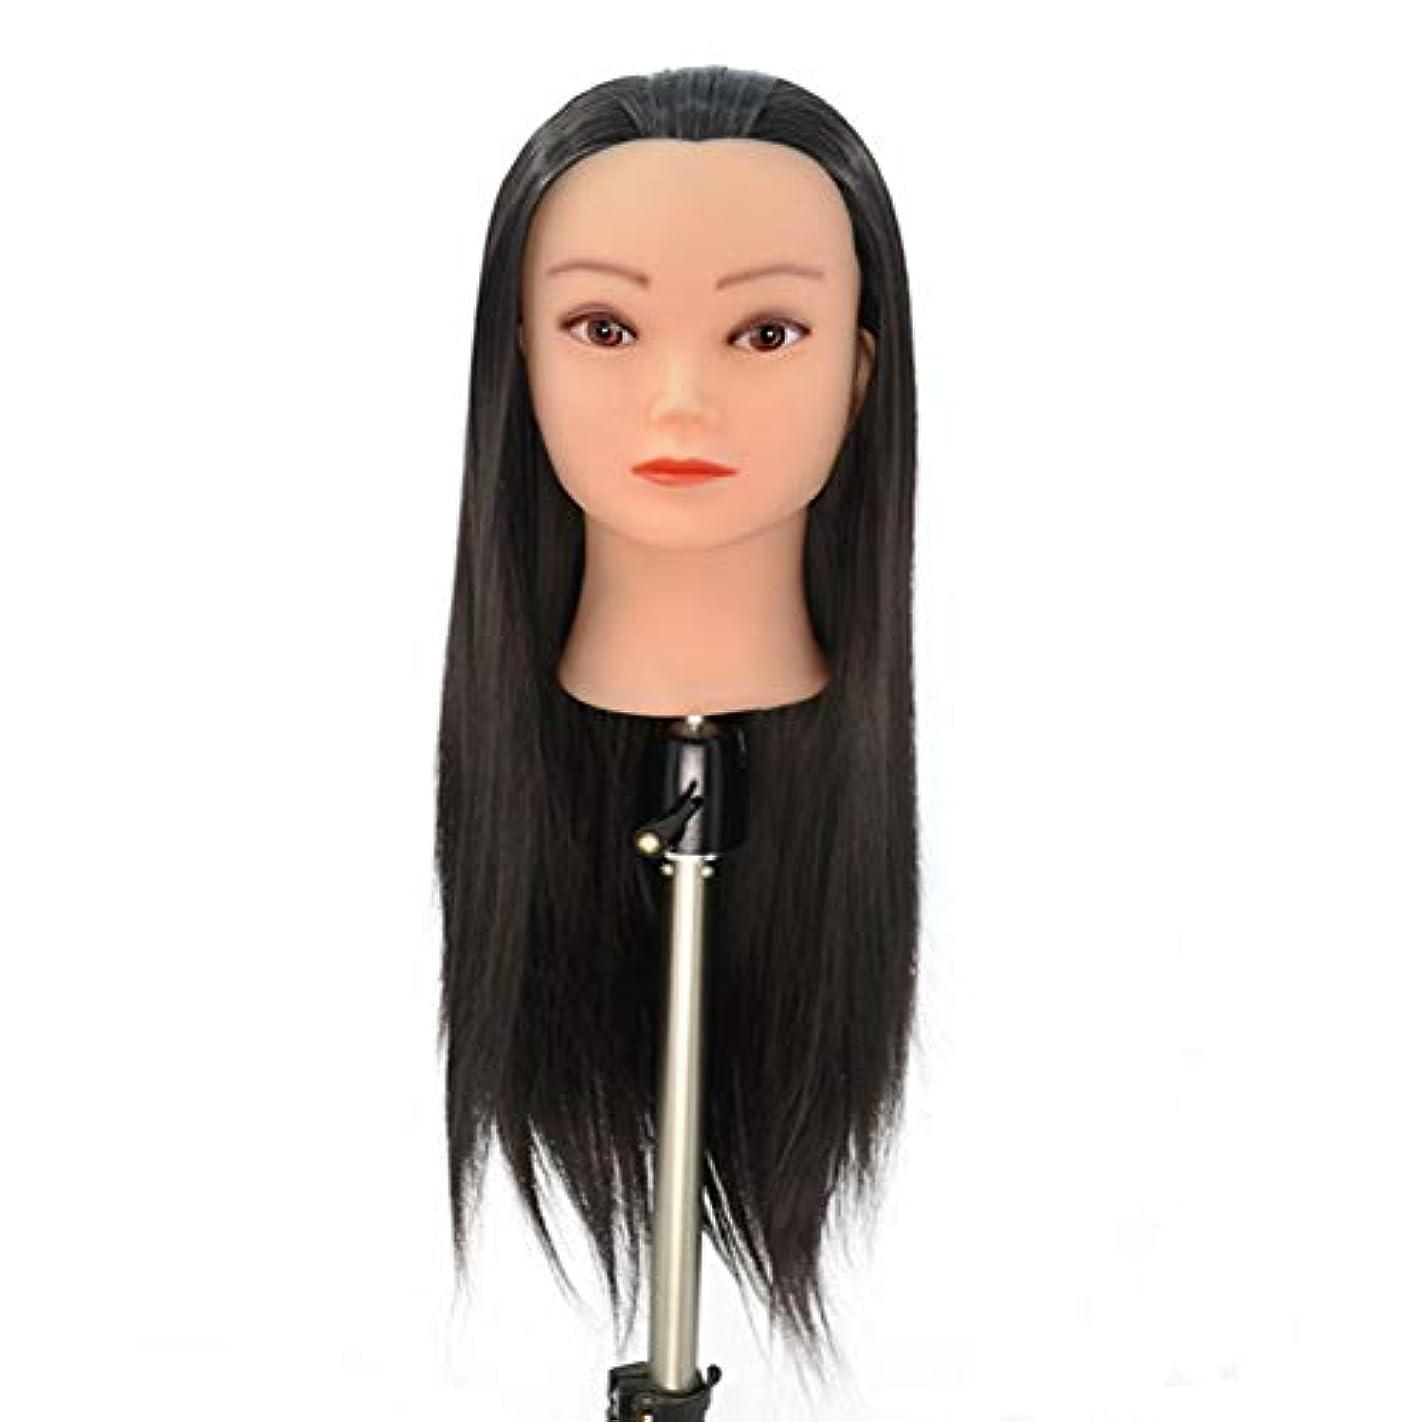 つかまえるヒギンズファッションは、花嫁の髪編組ひも学習ヘッドモデル理髪モデルヘッド理髪サロン散髪ダミー練習ヘッド